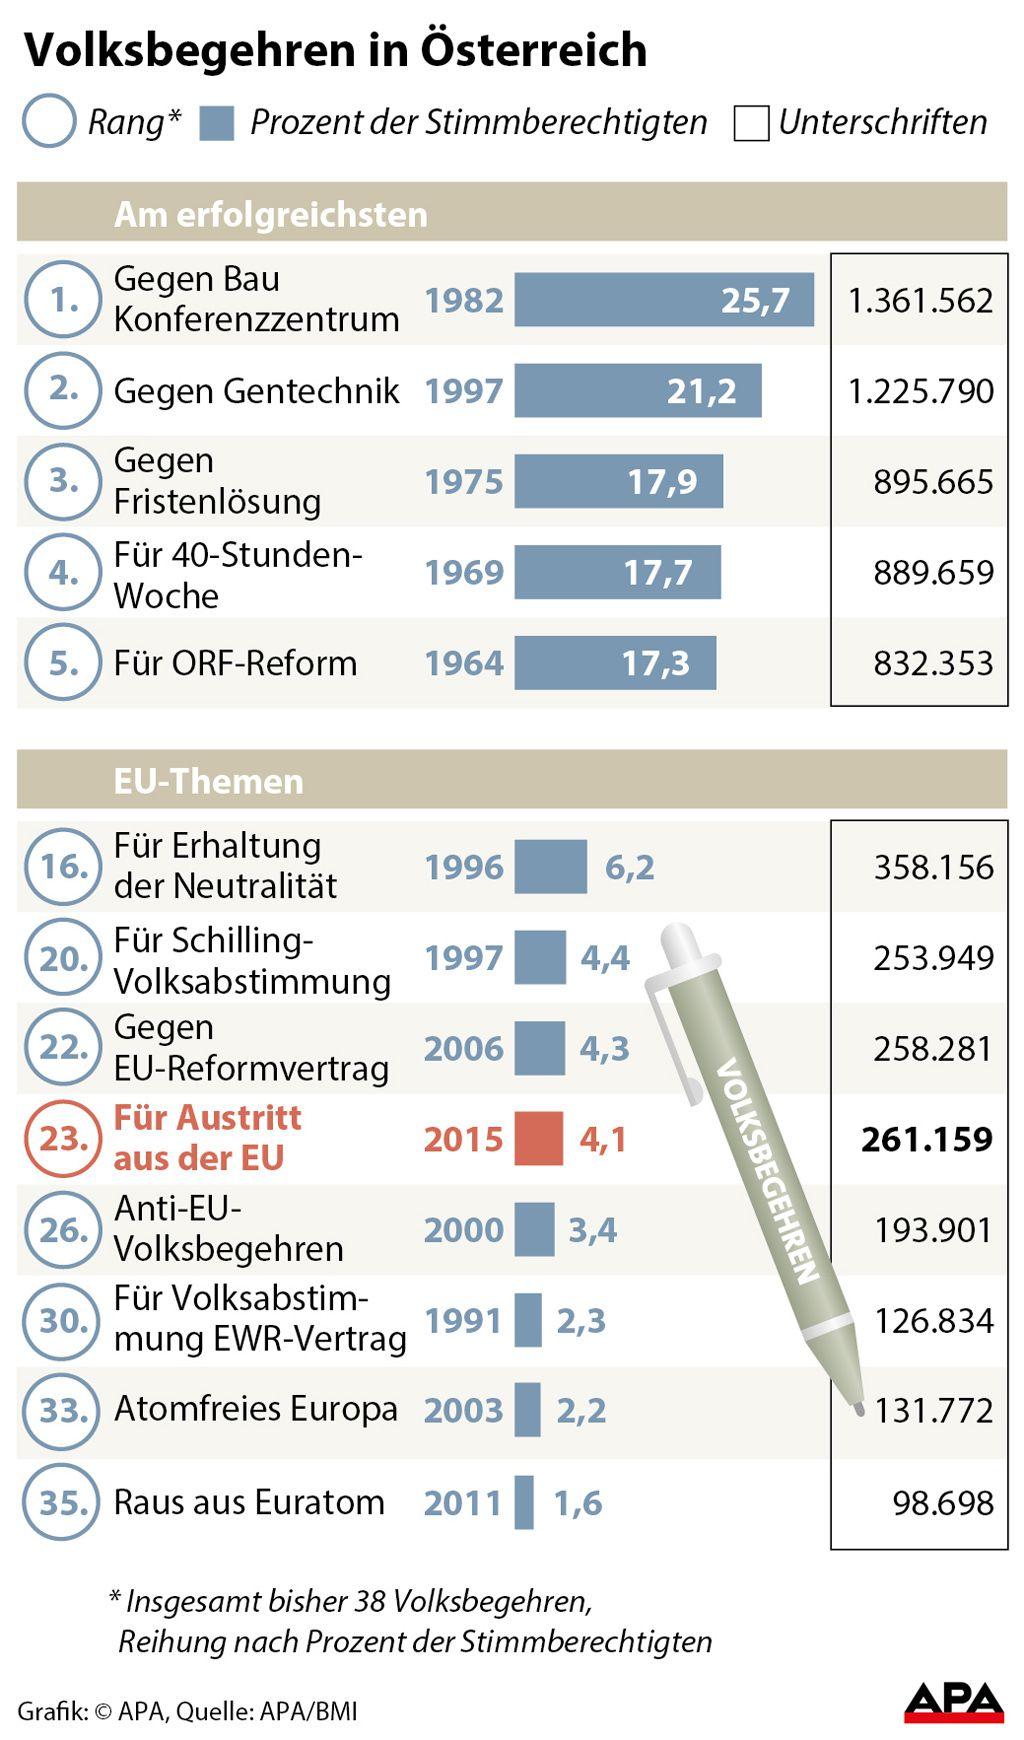 Volksbegehren in Österreich